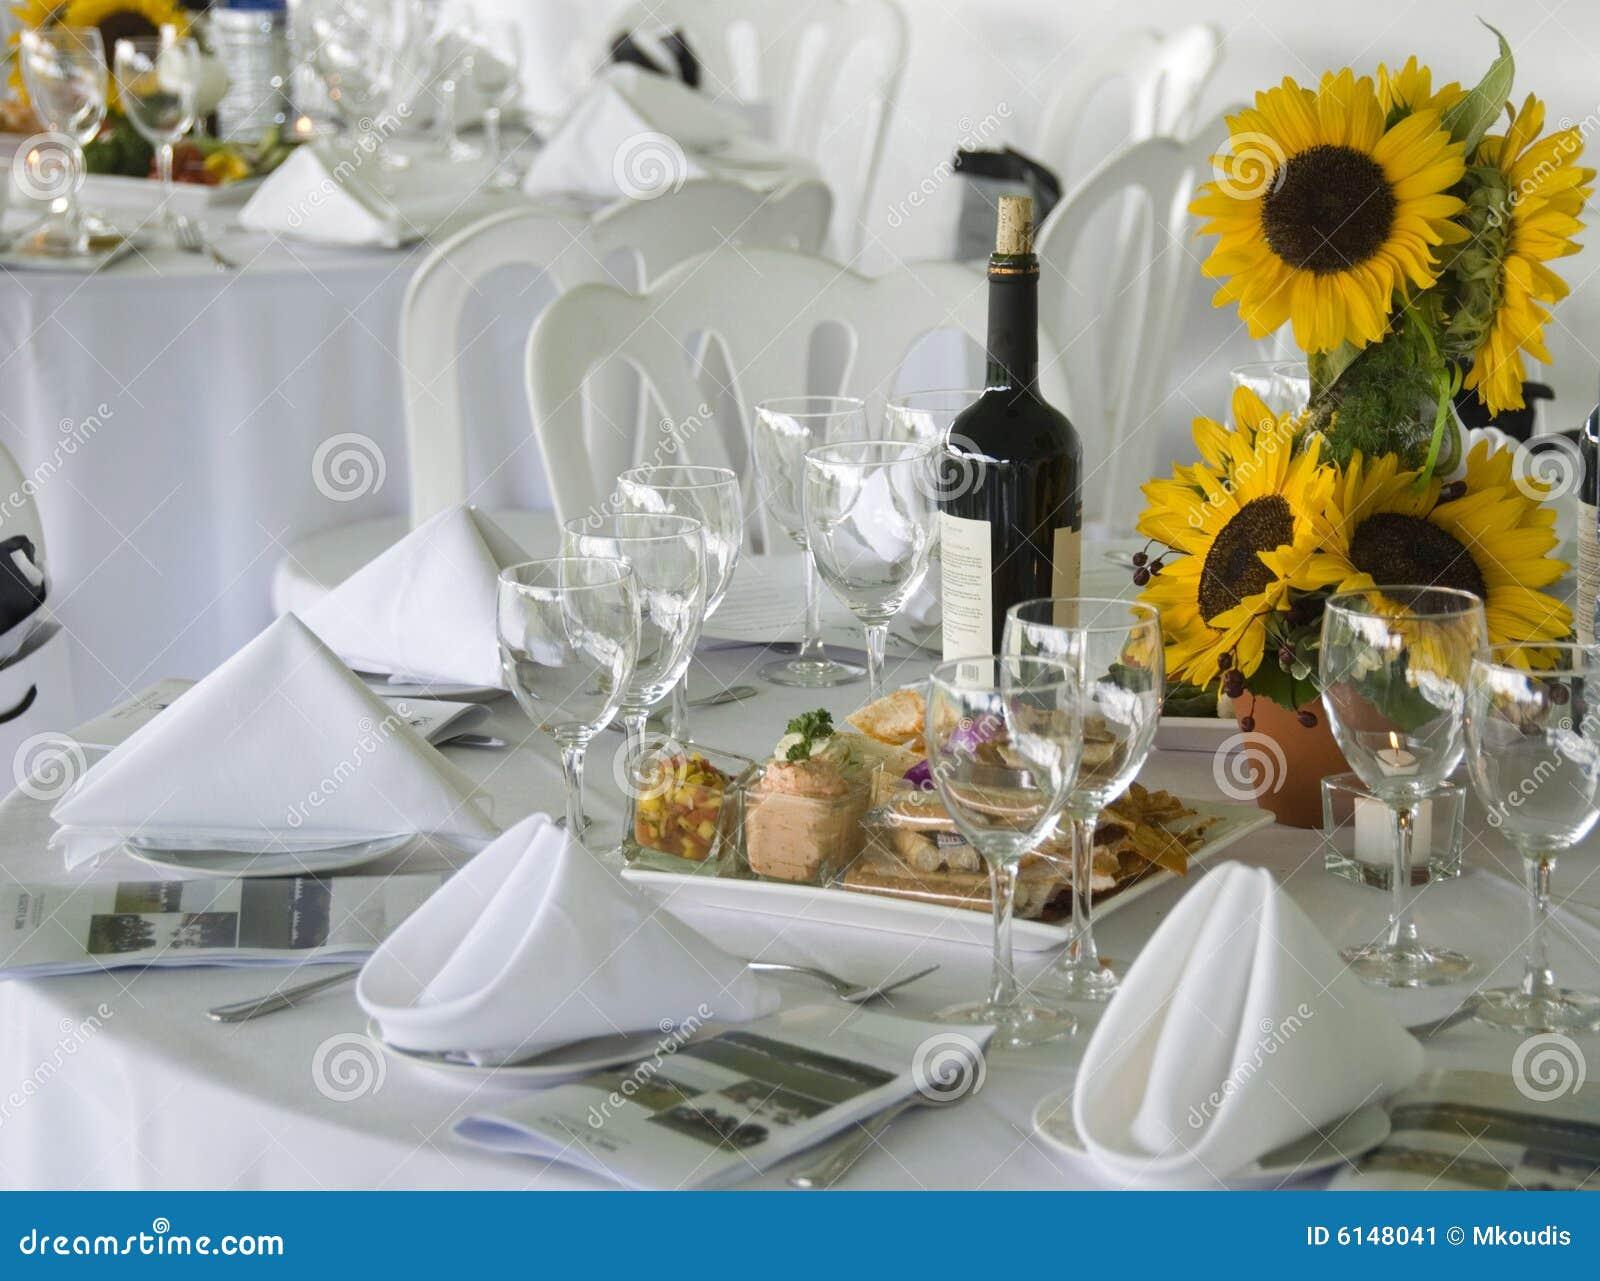 Luncheon Table Stock Image Image Of Isolated Luncheon